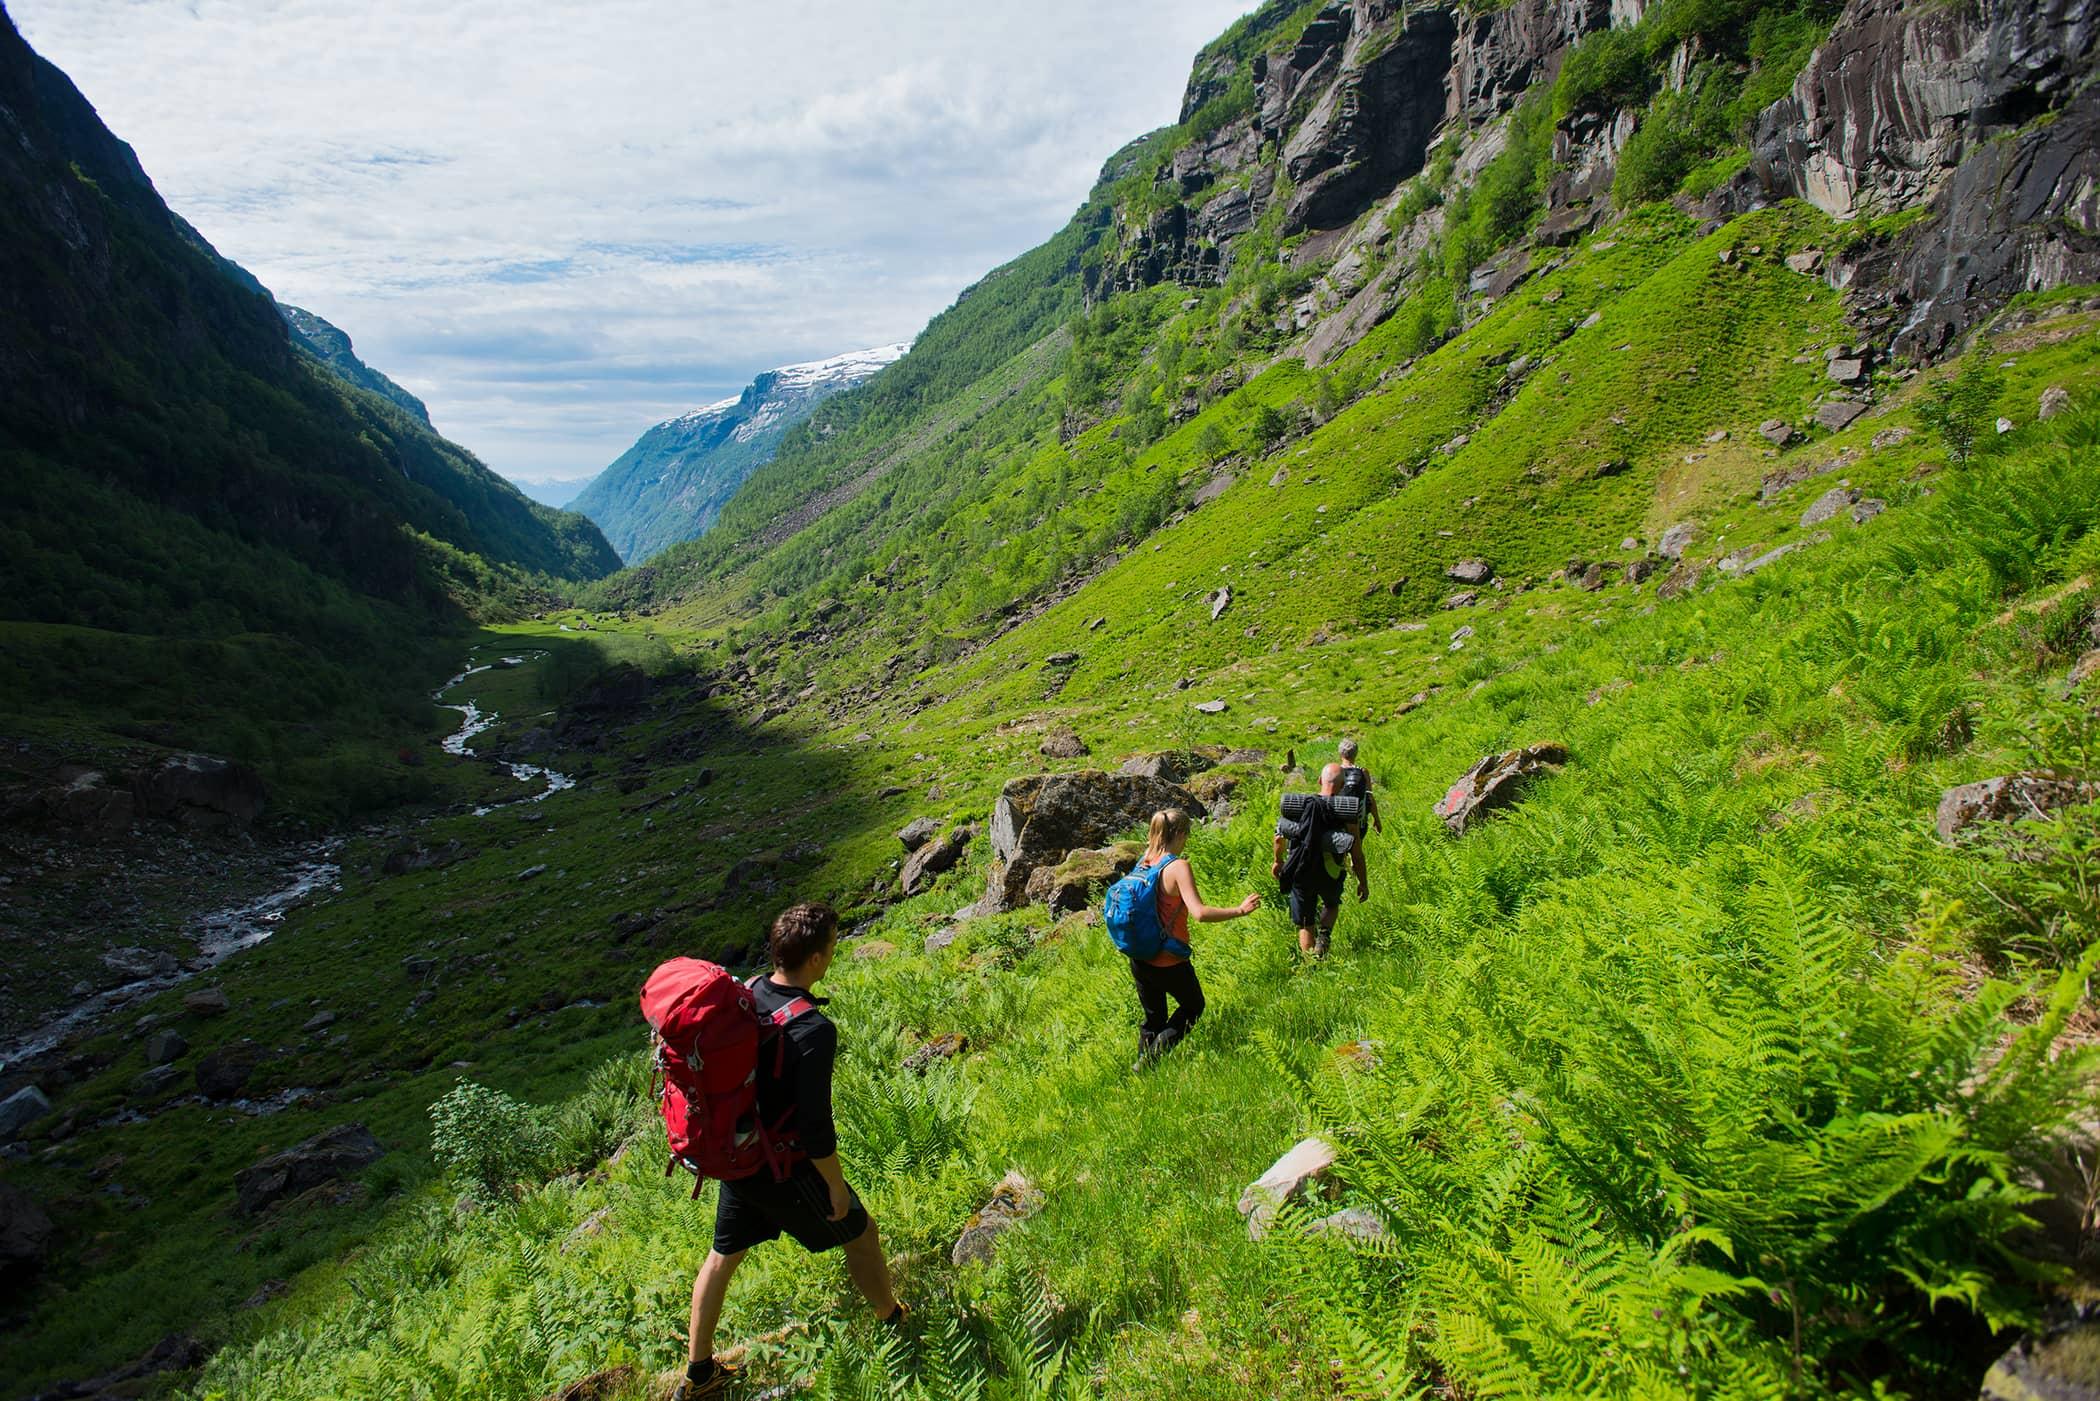 Fjell-og-kajakk-Hardanger-Kyrre Flotve-04.jpg